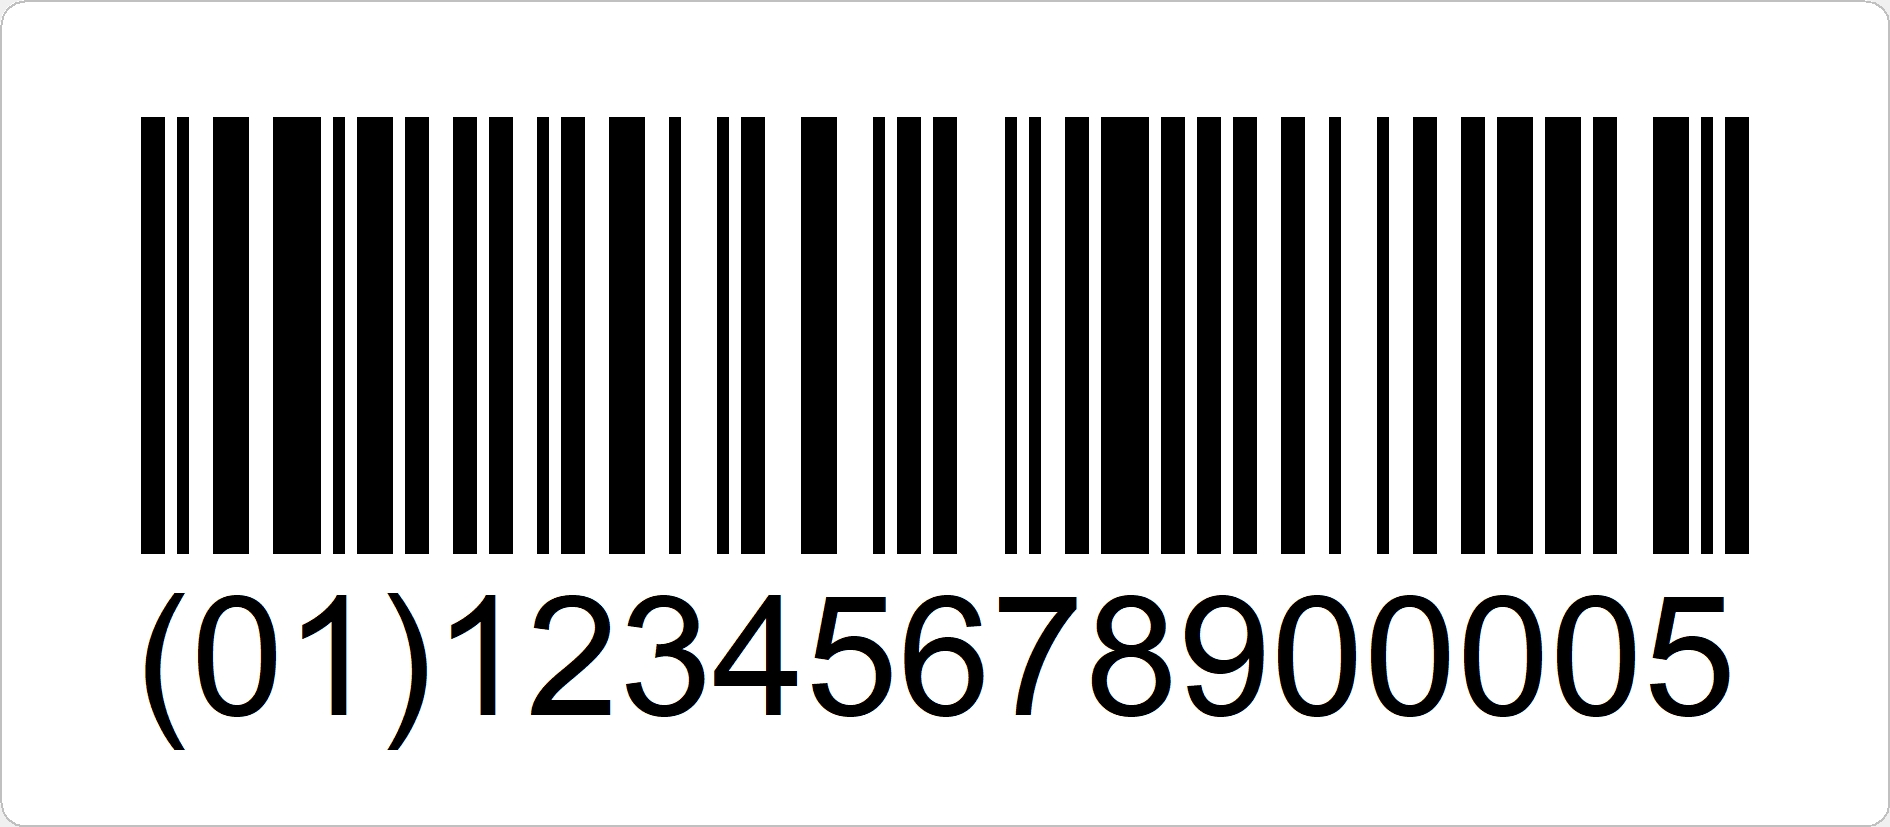 EAN128 ist ein Logistikcode für den Handel